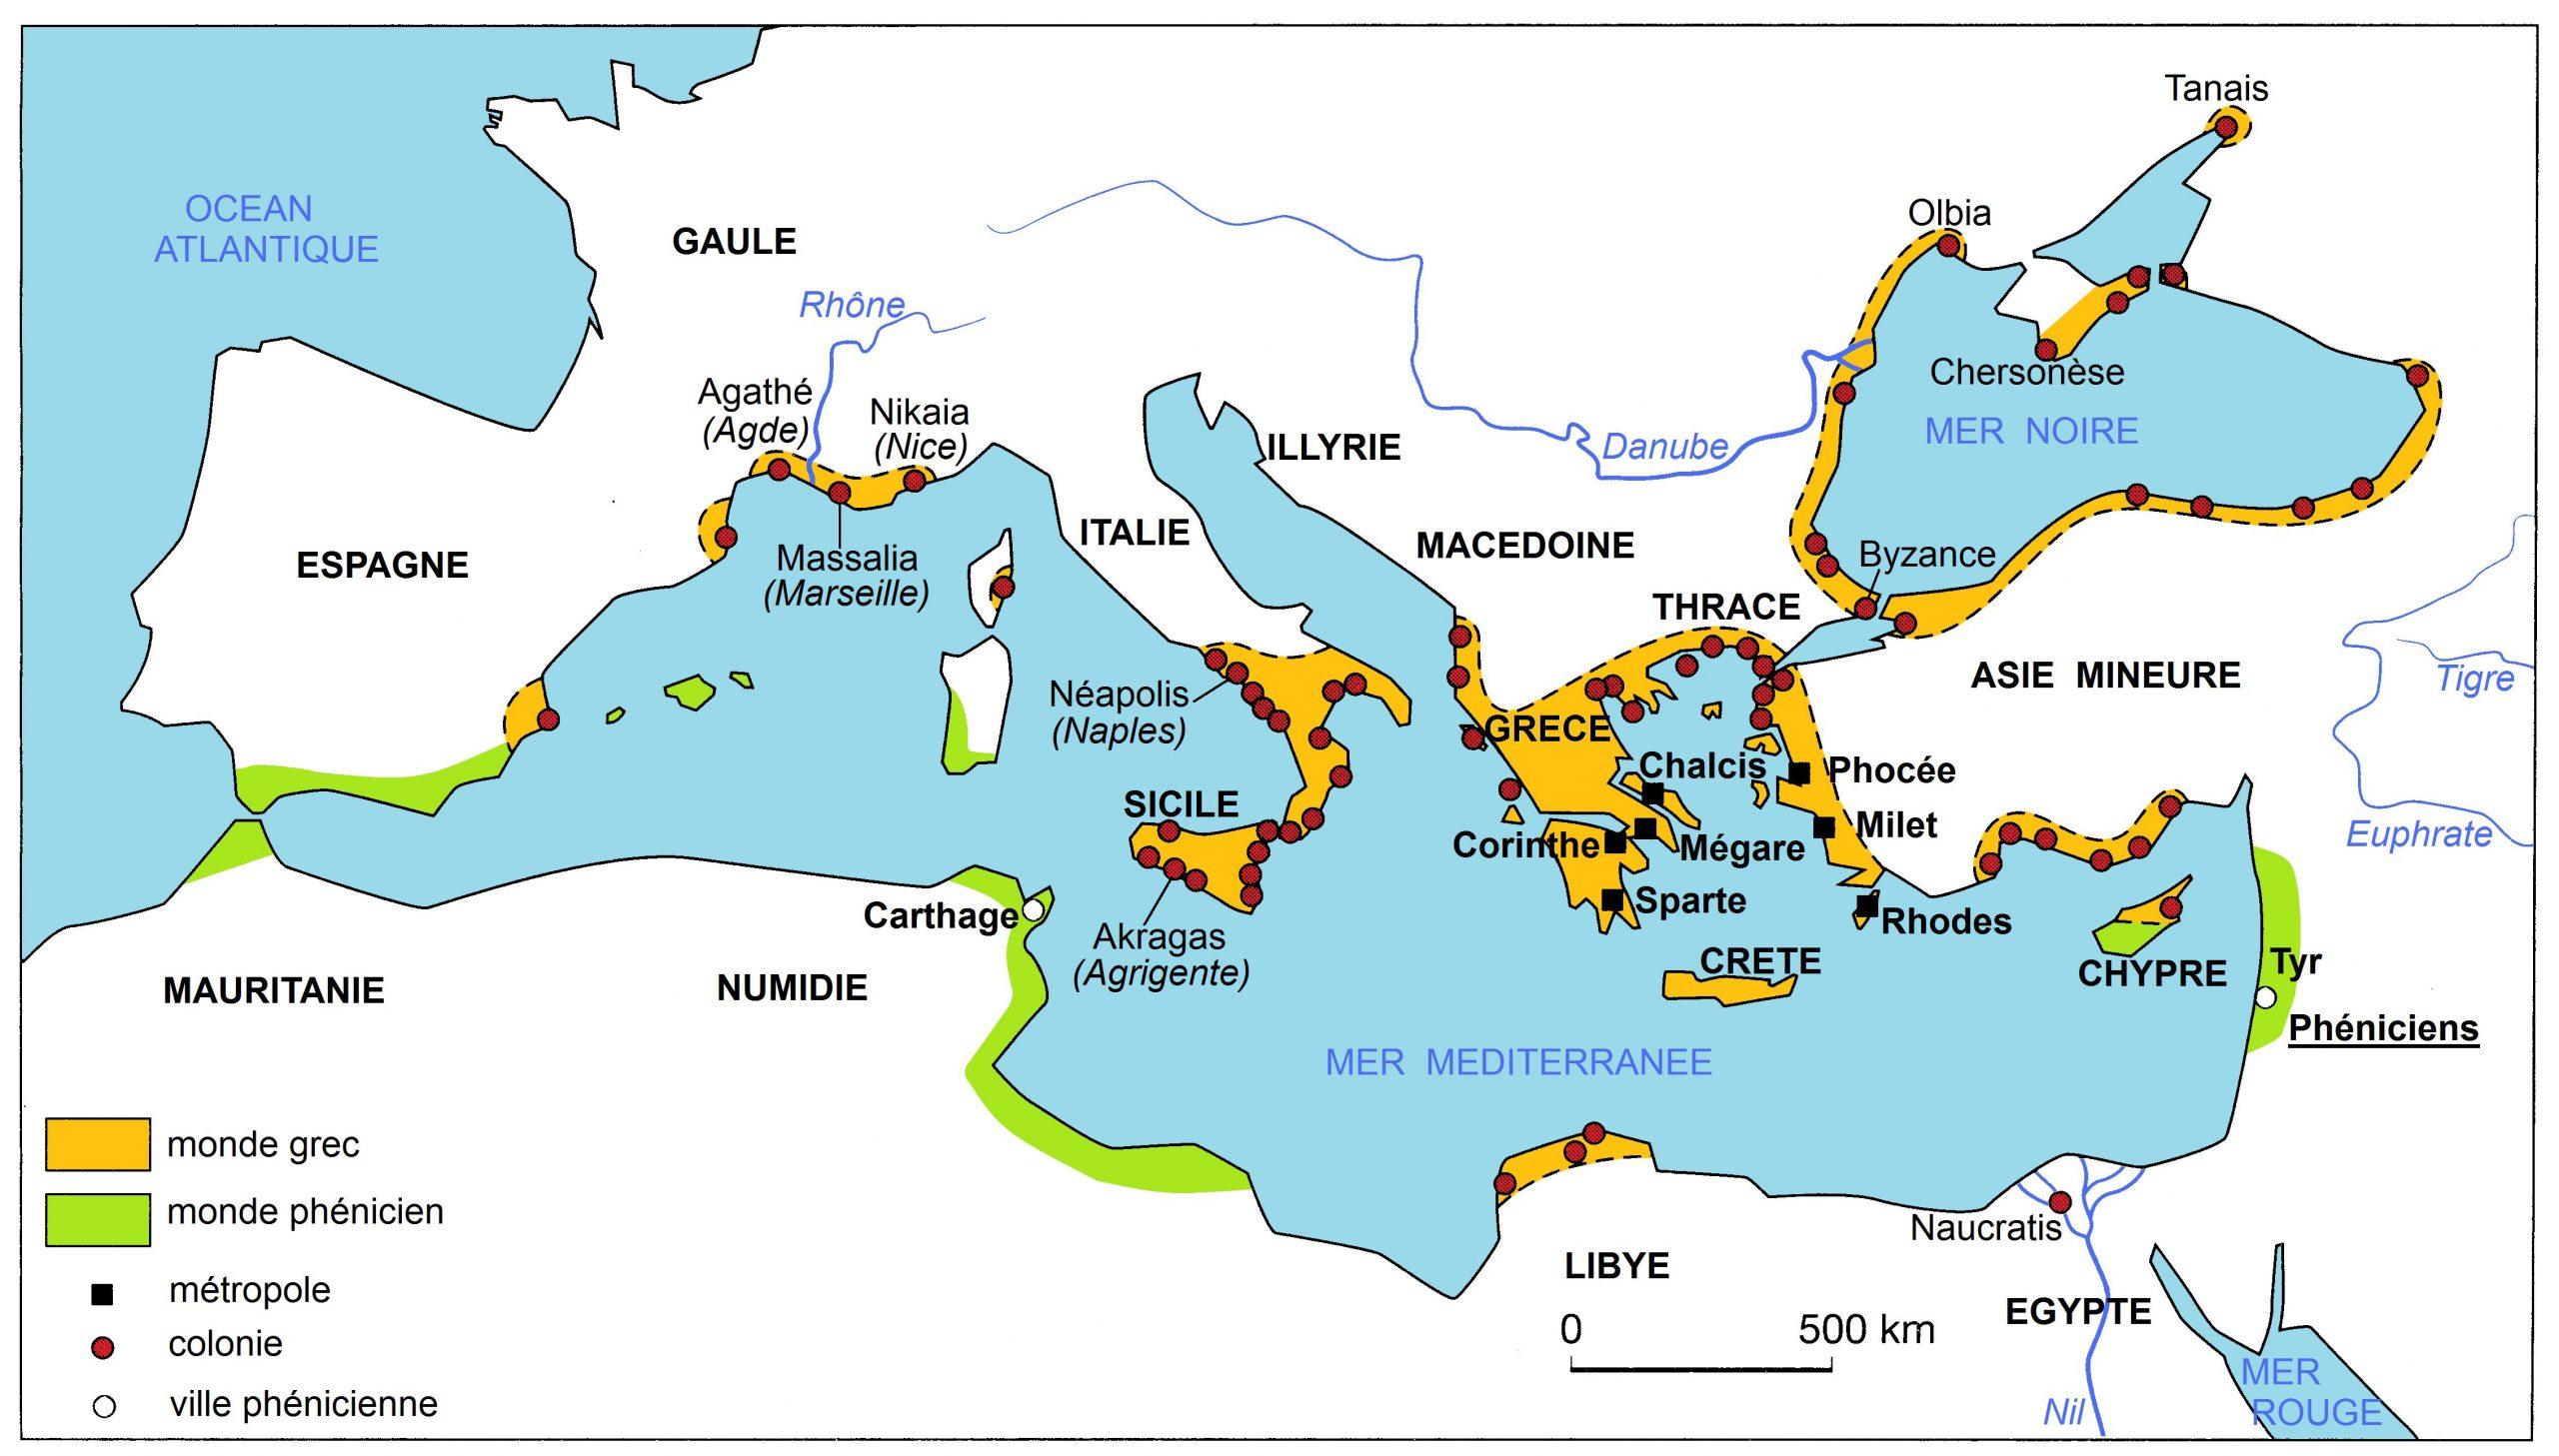 Carte : La Méditerranée Grecque Au V° Siècle Avant Jésus à Carte Des Régions À Compléter